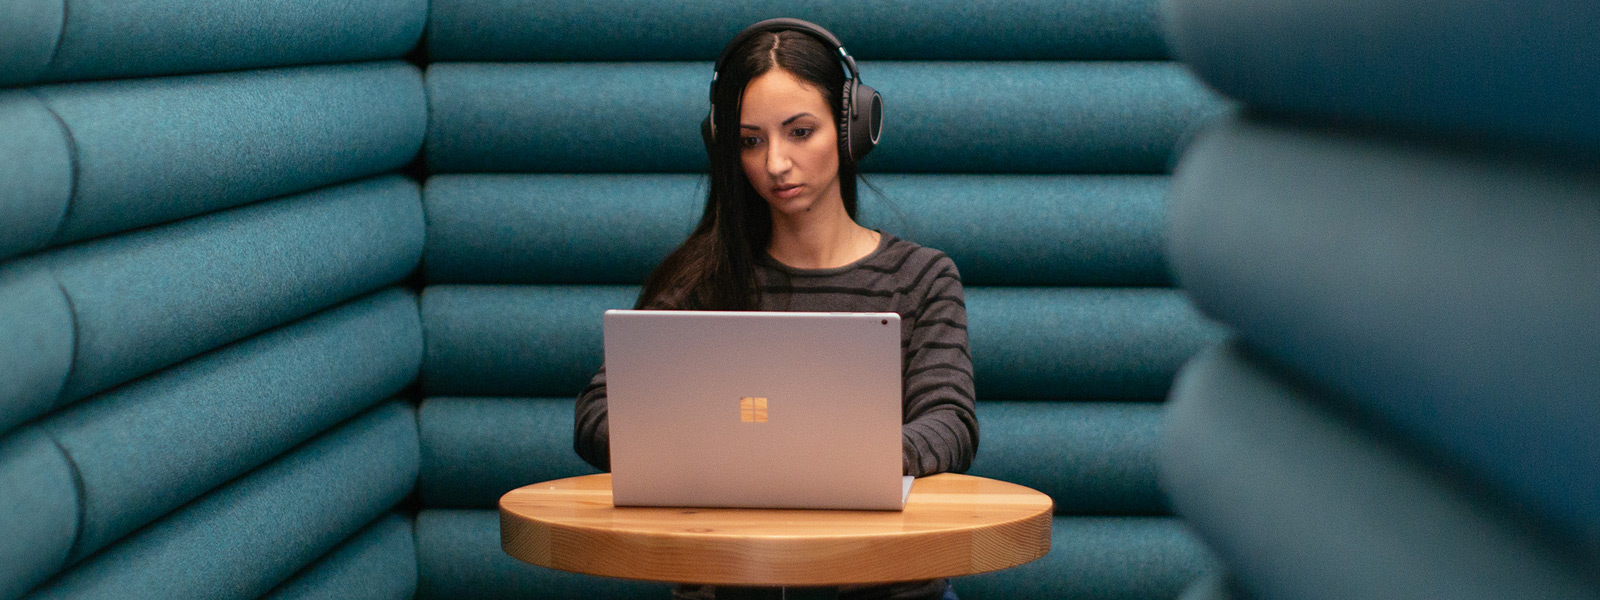 Uma mulher sentada em silêncio sozinha, usando fones de ouvido enquanto trabalha em seu computador com Windows 10